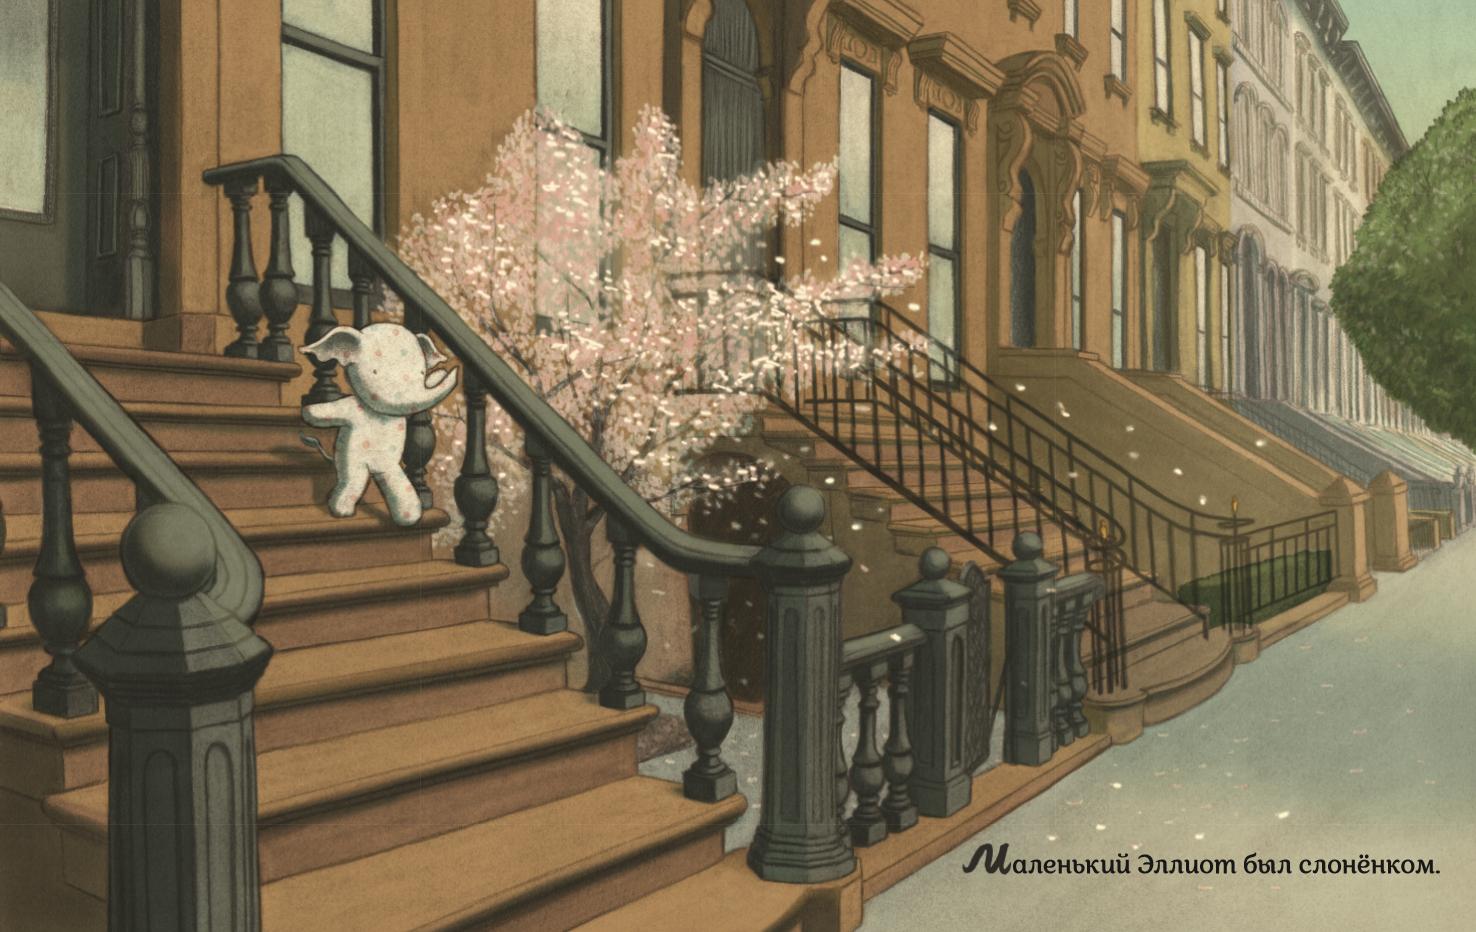 Иллюстрация из книги маленький эллиот в большом городе